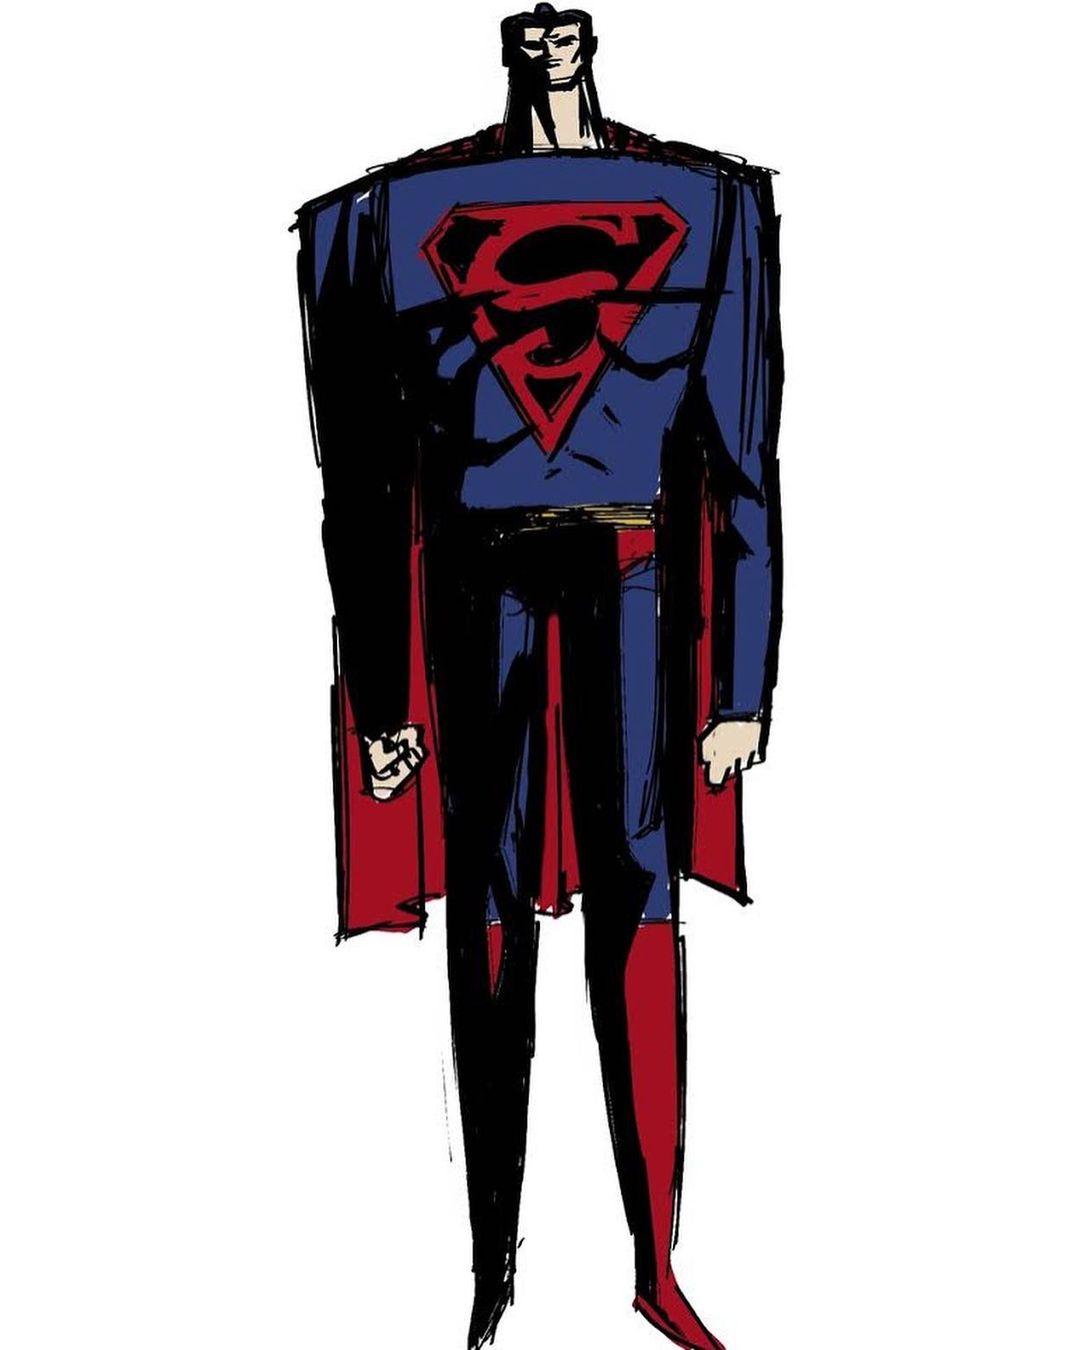 Superman en arte por Genndy Tartakovsky. Imagen: Genndy Tartakovsky Instagram (@genndytartakovsky).